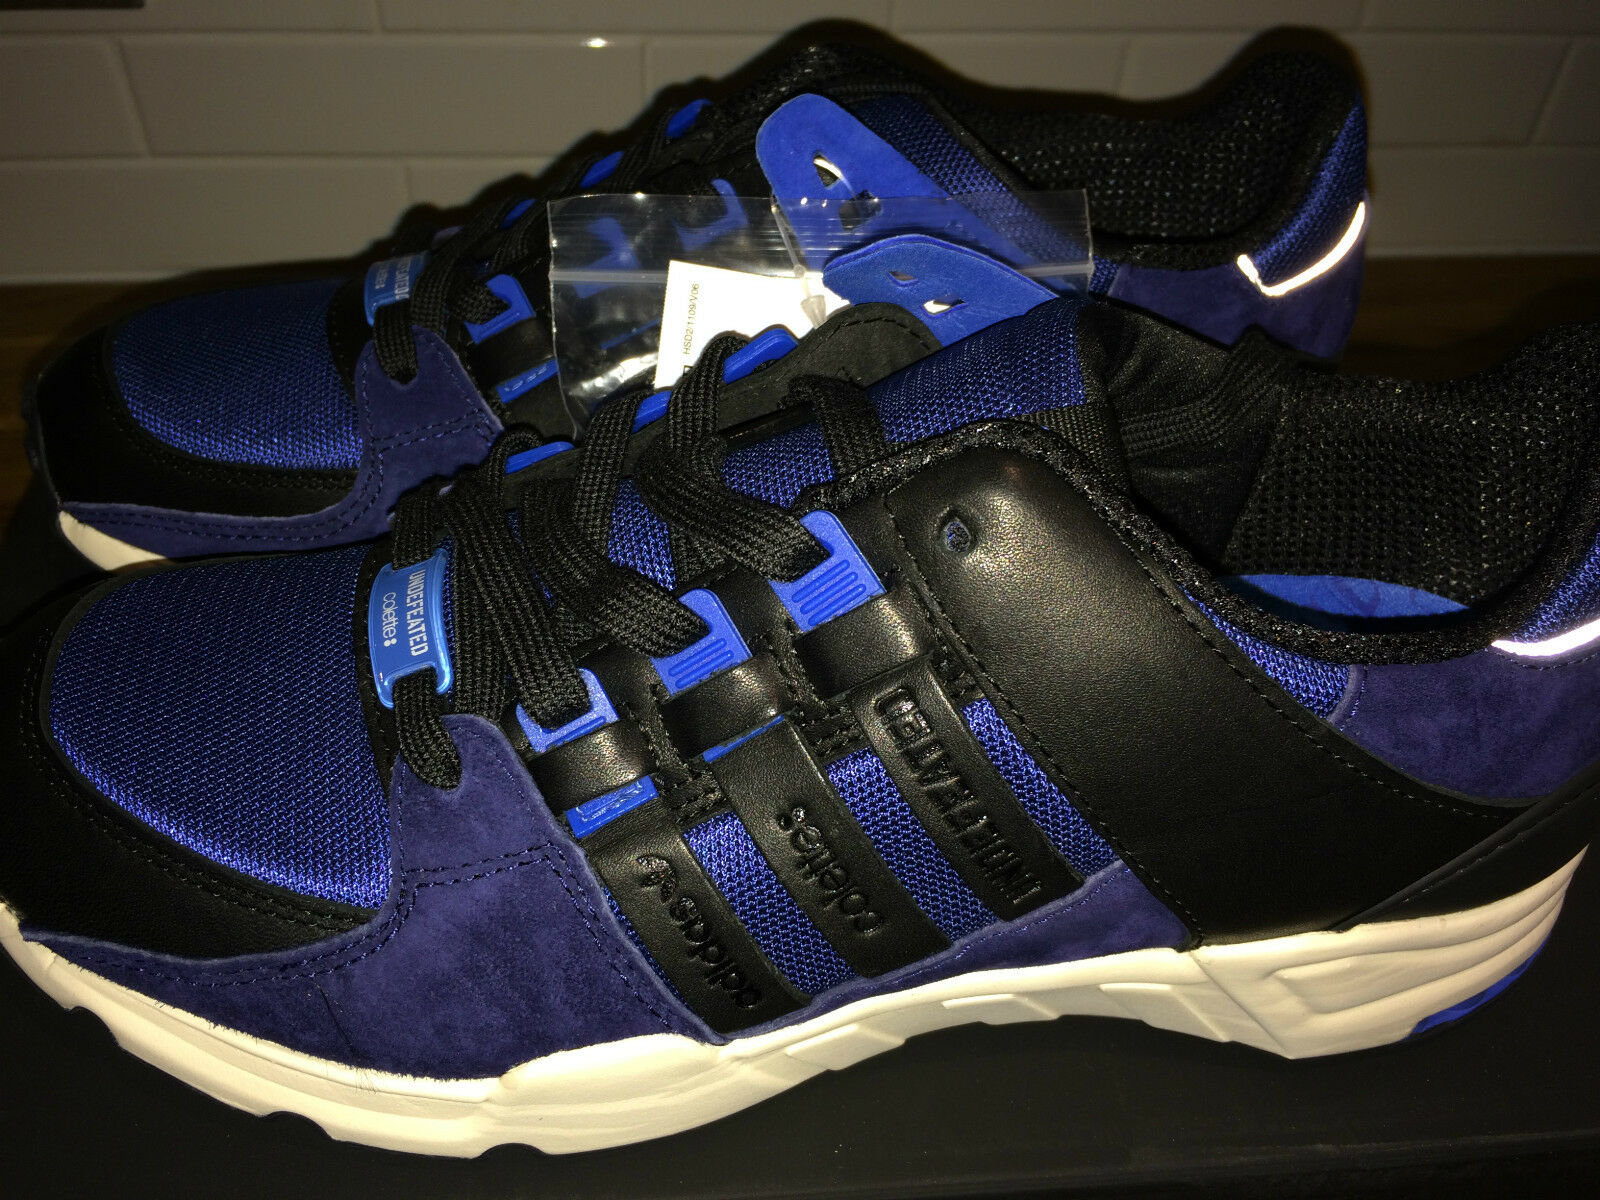 Adidas UNDFTD EQT Colette. Turnschuhe Exchange LTD Consortium UK 8 Eur 42 BNIB  | Qualitätsprodukte